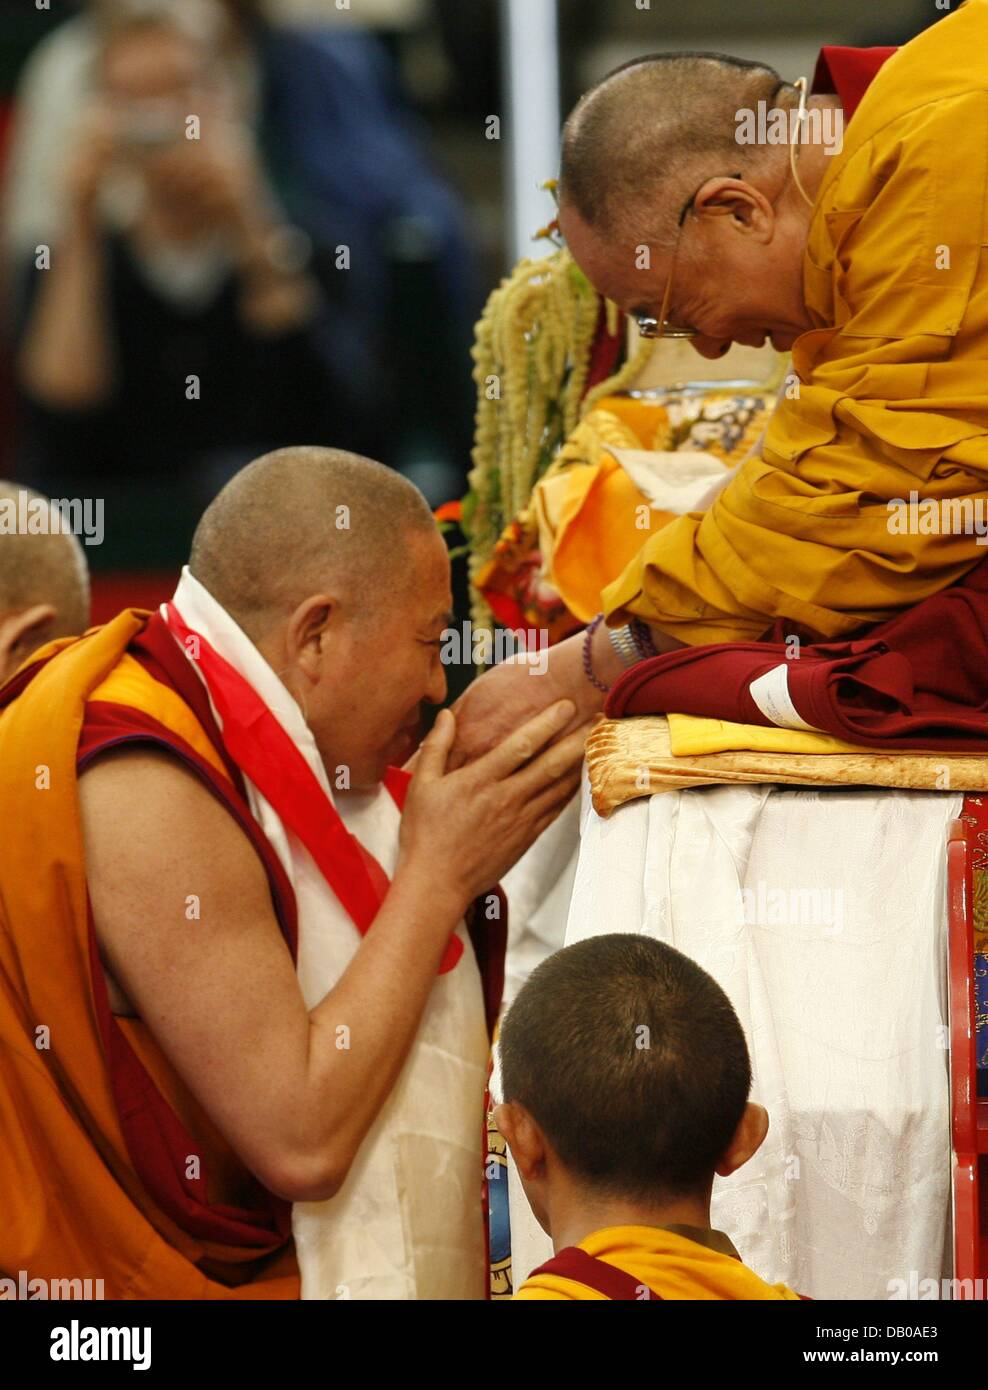 Un monje se pone en contacto con el Dalai Lama (R) en el trono en Hamburgo, Alemania, el 27 de julio de 2007. Los Foto de stock